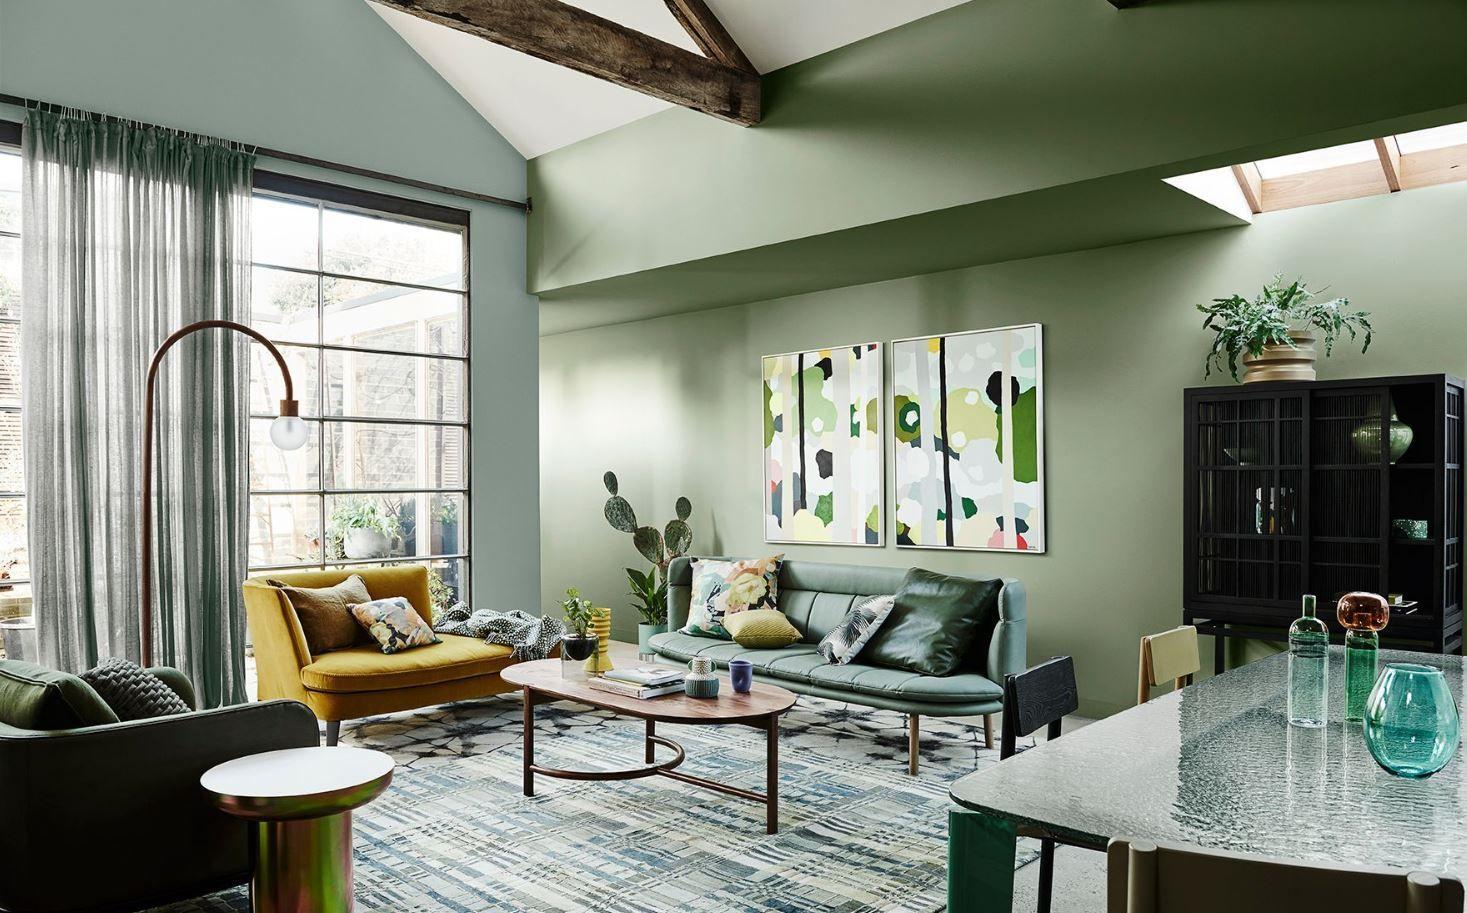 Salón comedor de estilo moderno contemporáneo de tonos verdes, colores en tendencias 2020, cómo combinar con tu decoración de interiores #anautrillainteriorismo @utrillanais